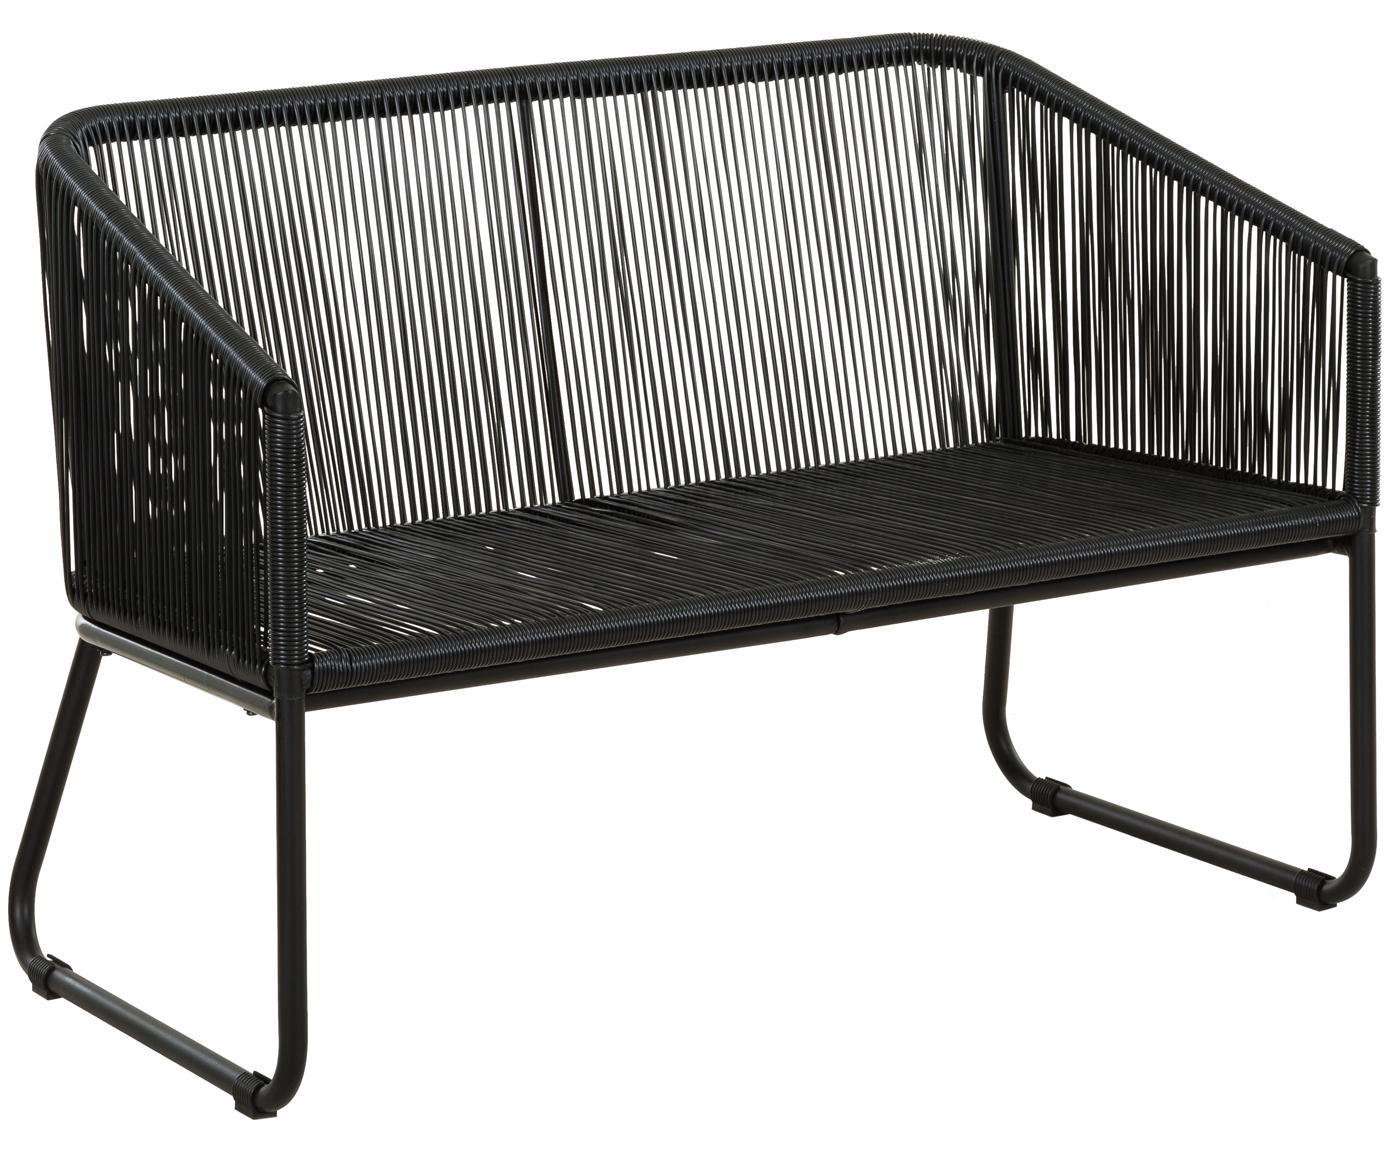 Banco Moa, Asiento: polietileno, Estructura: metal con pintura en polv, Negro, An 118 x F 64 cm